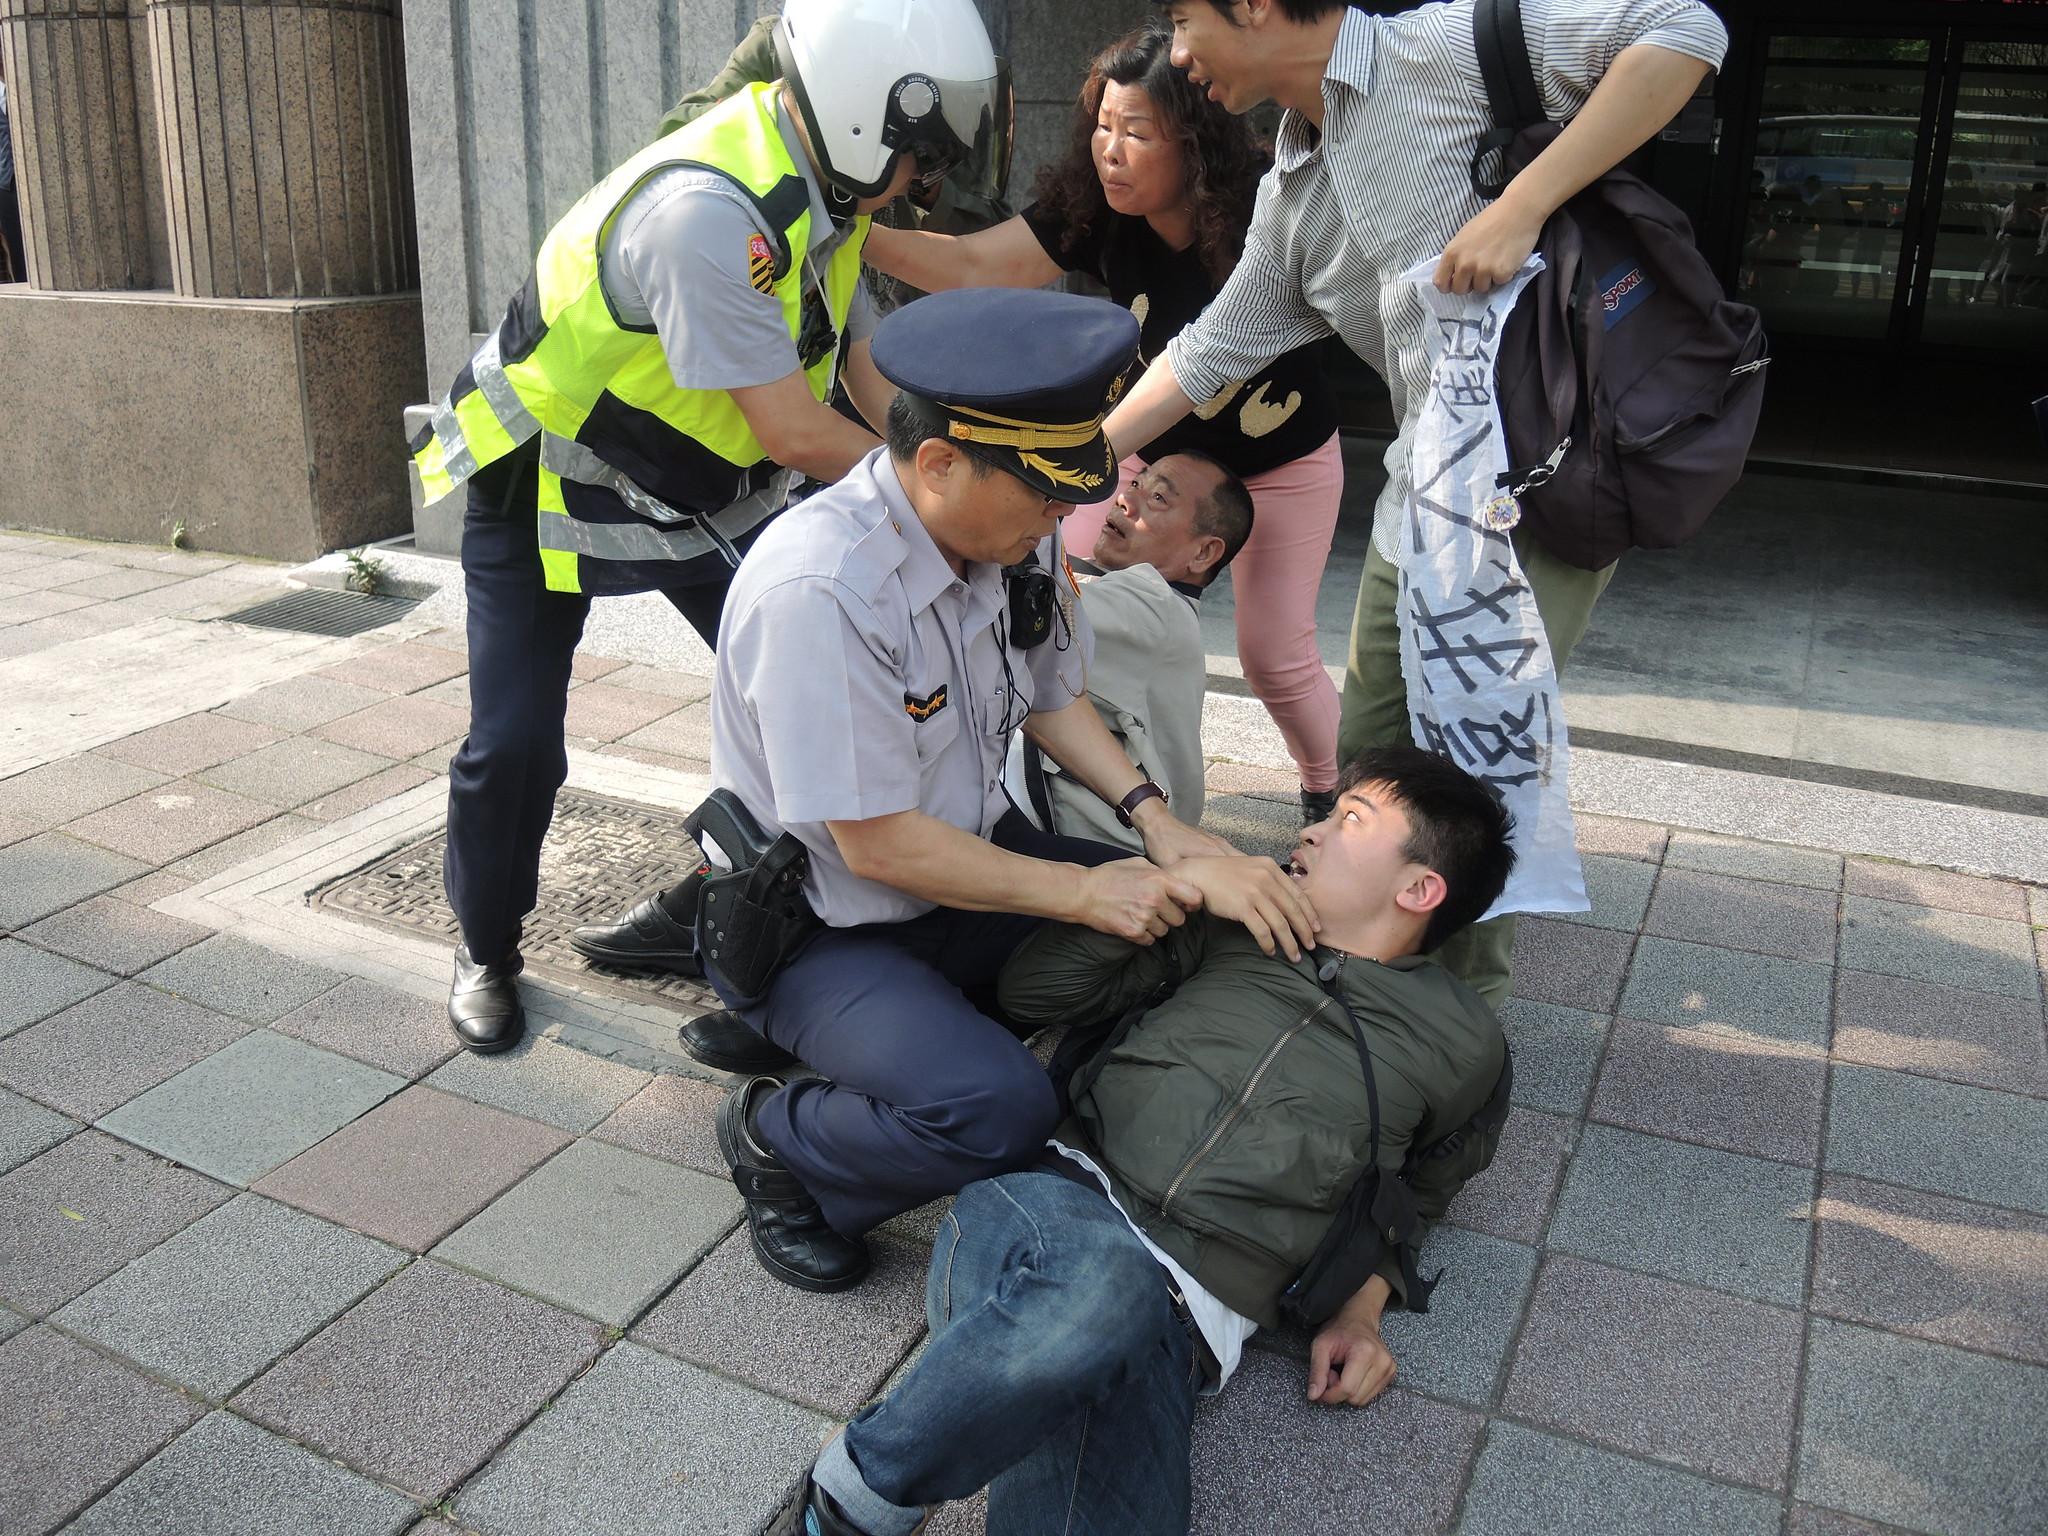 警方隨即上前阻擋並將聲援者壓制在地。(攝影:曾福全)